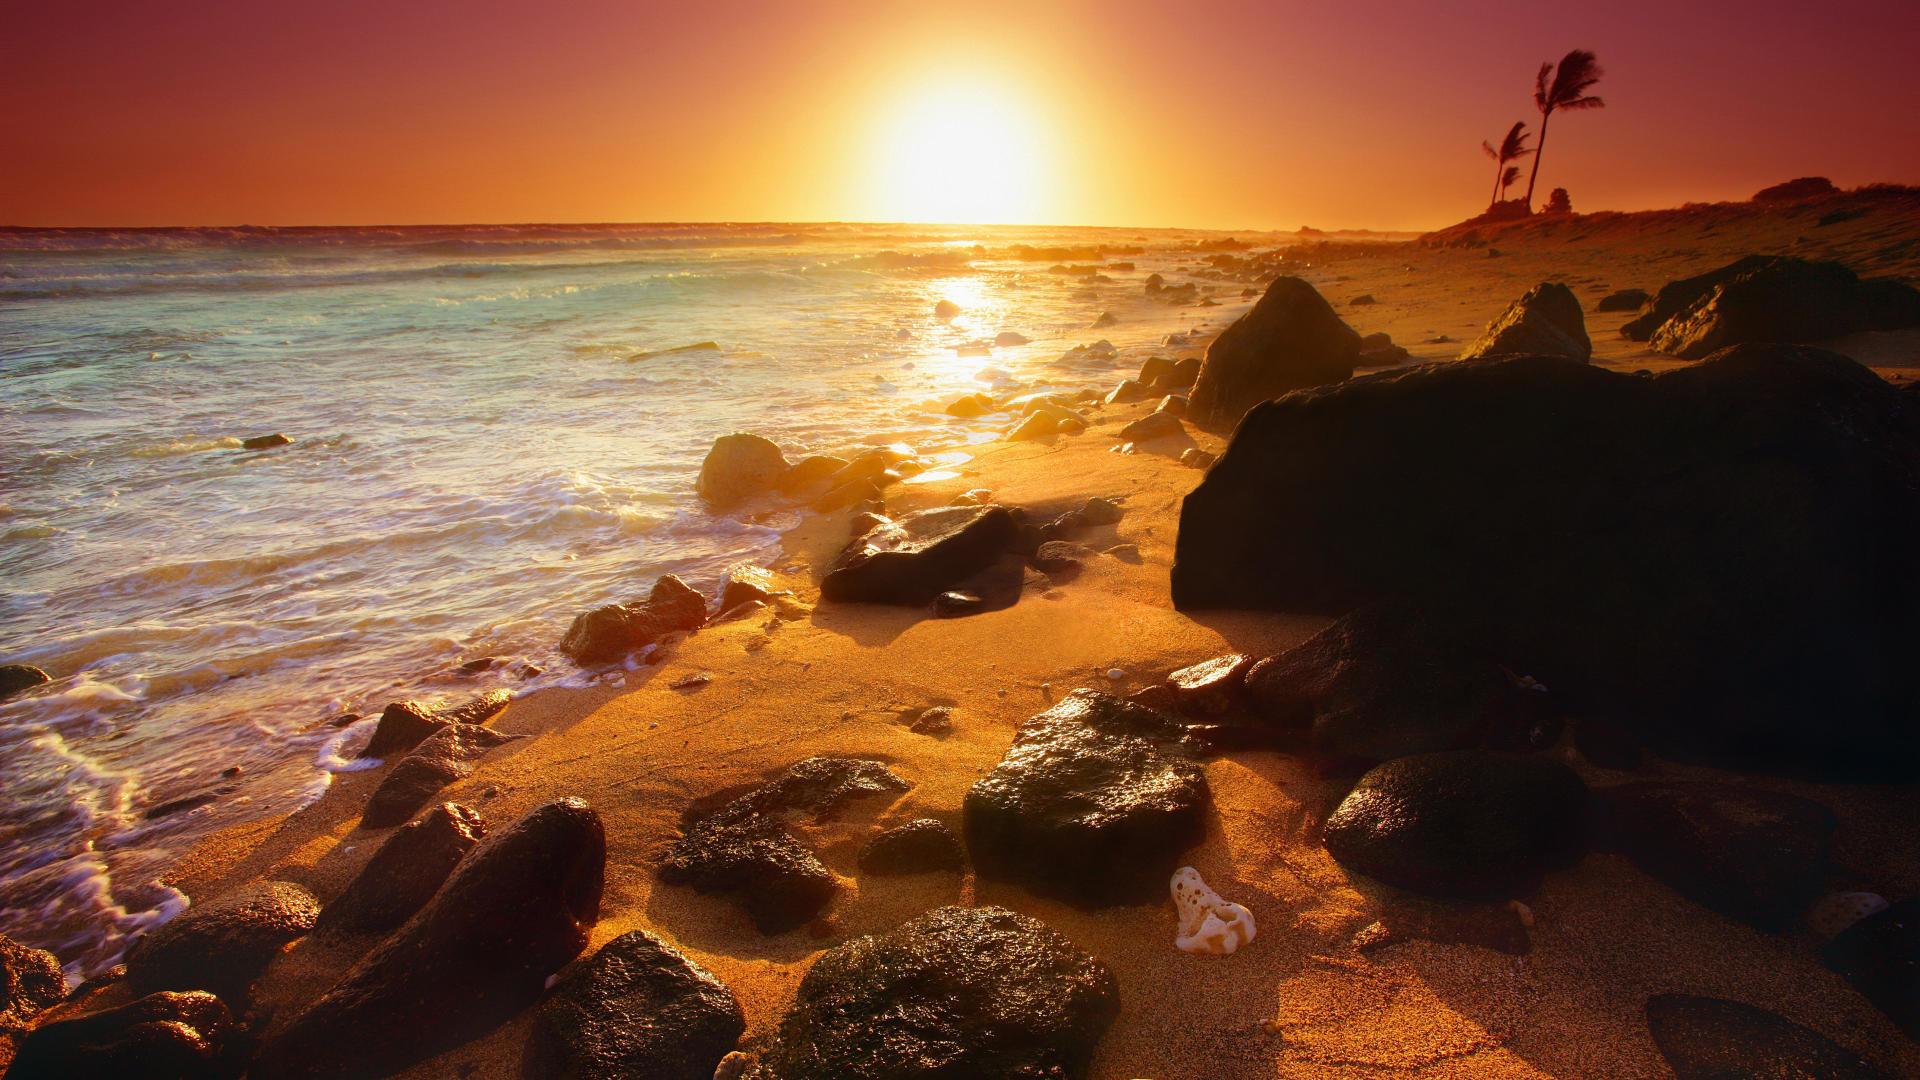 Sunset Hawaii Wallpaper